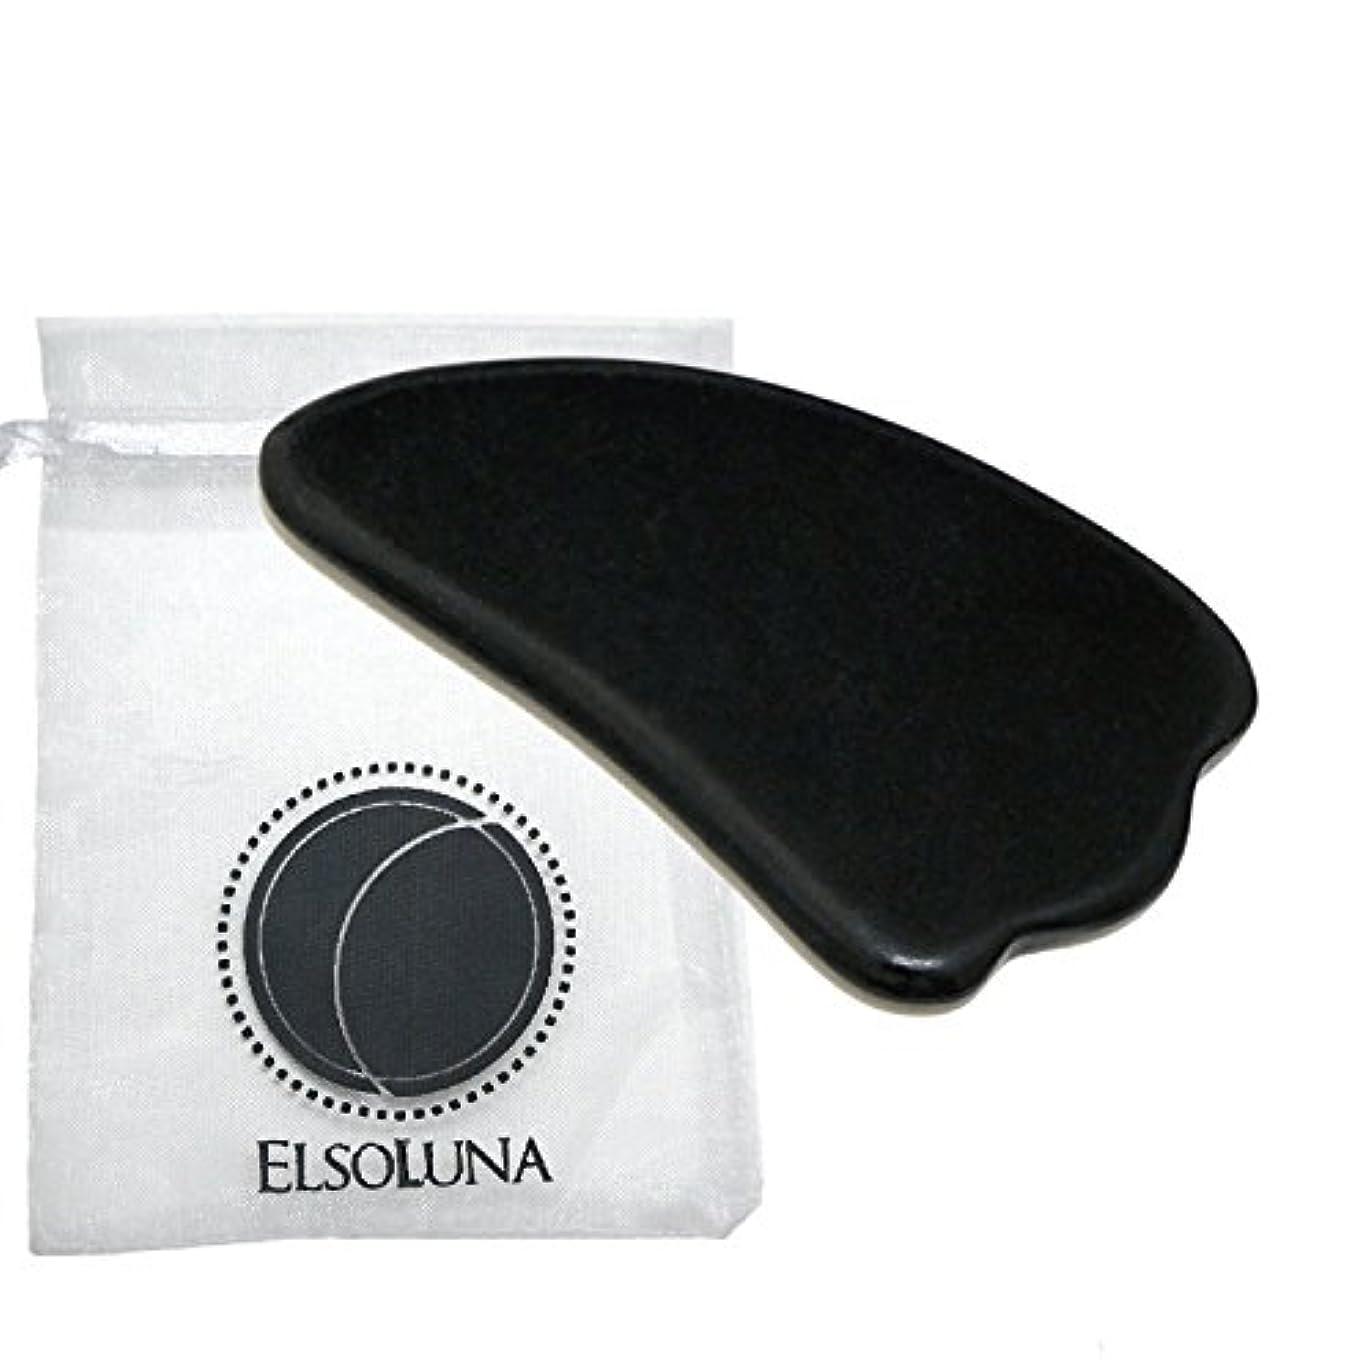 可能増幅健康的Elsoluna(エルソルーナ) かっさプレート かっさマッサージ 美顔 天然石 パワーストーン (ベン石 羽根型, ブラック)